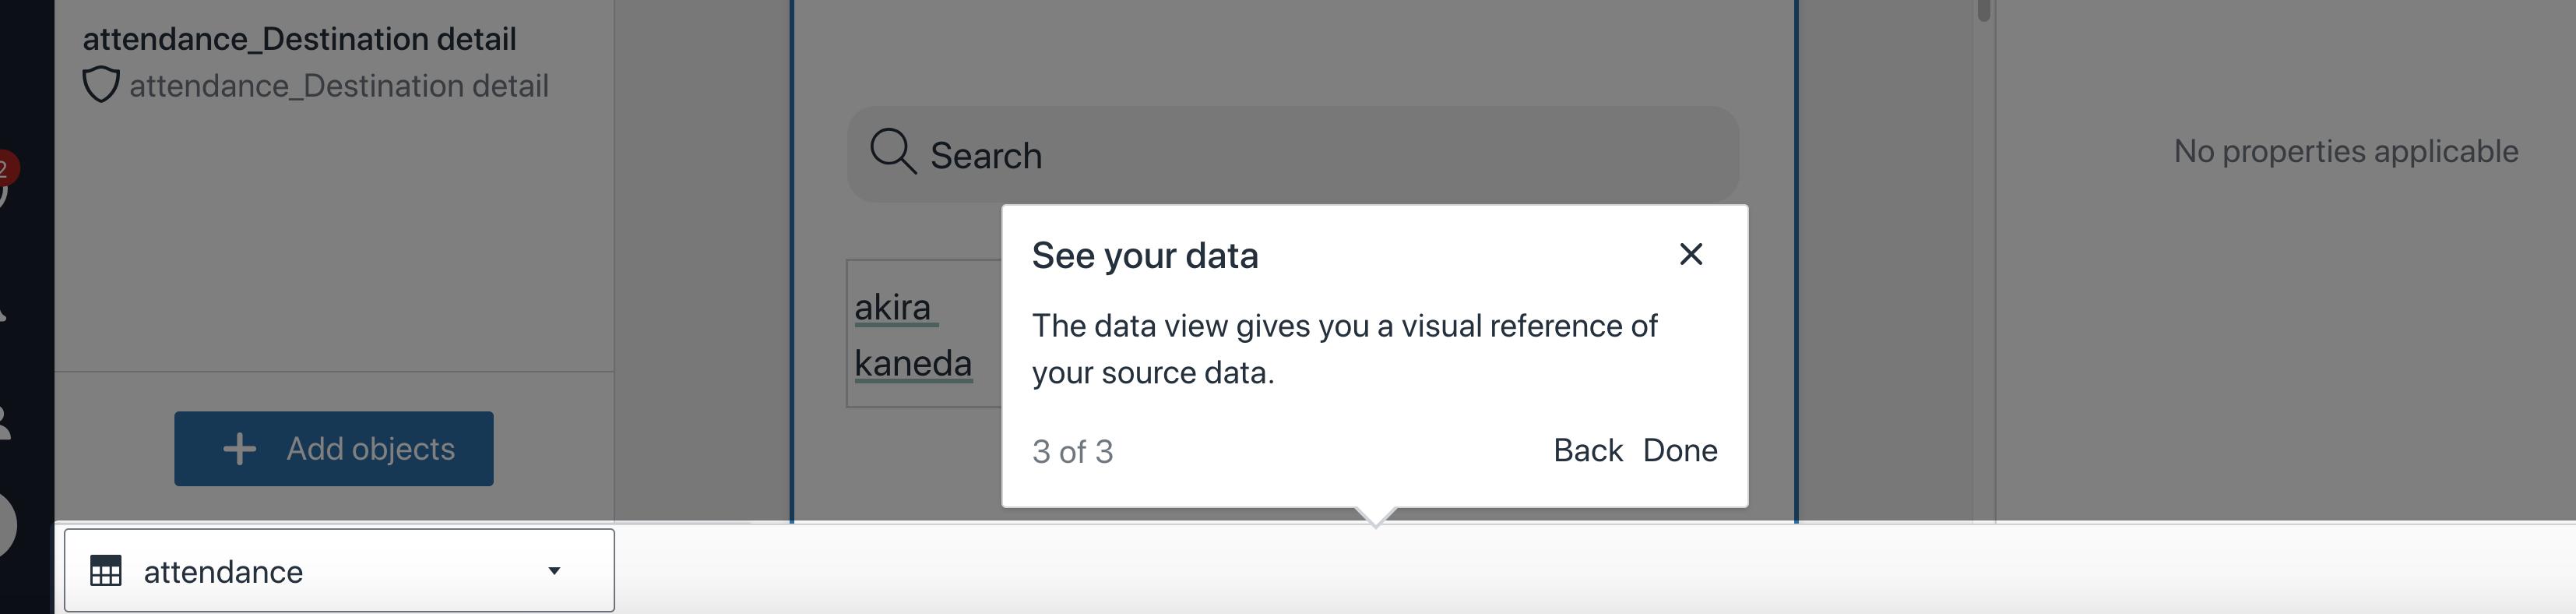 Amazon Honeycode data view